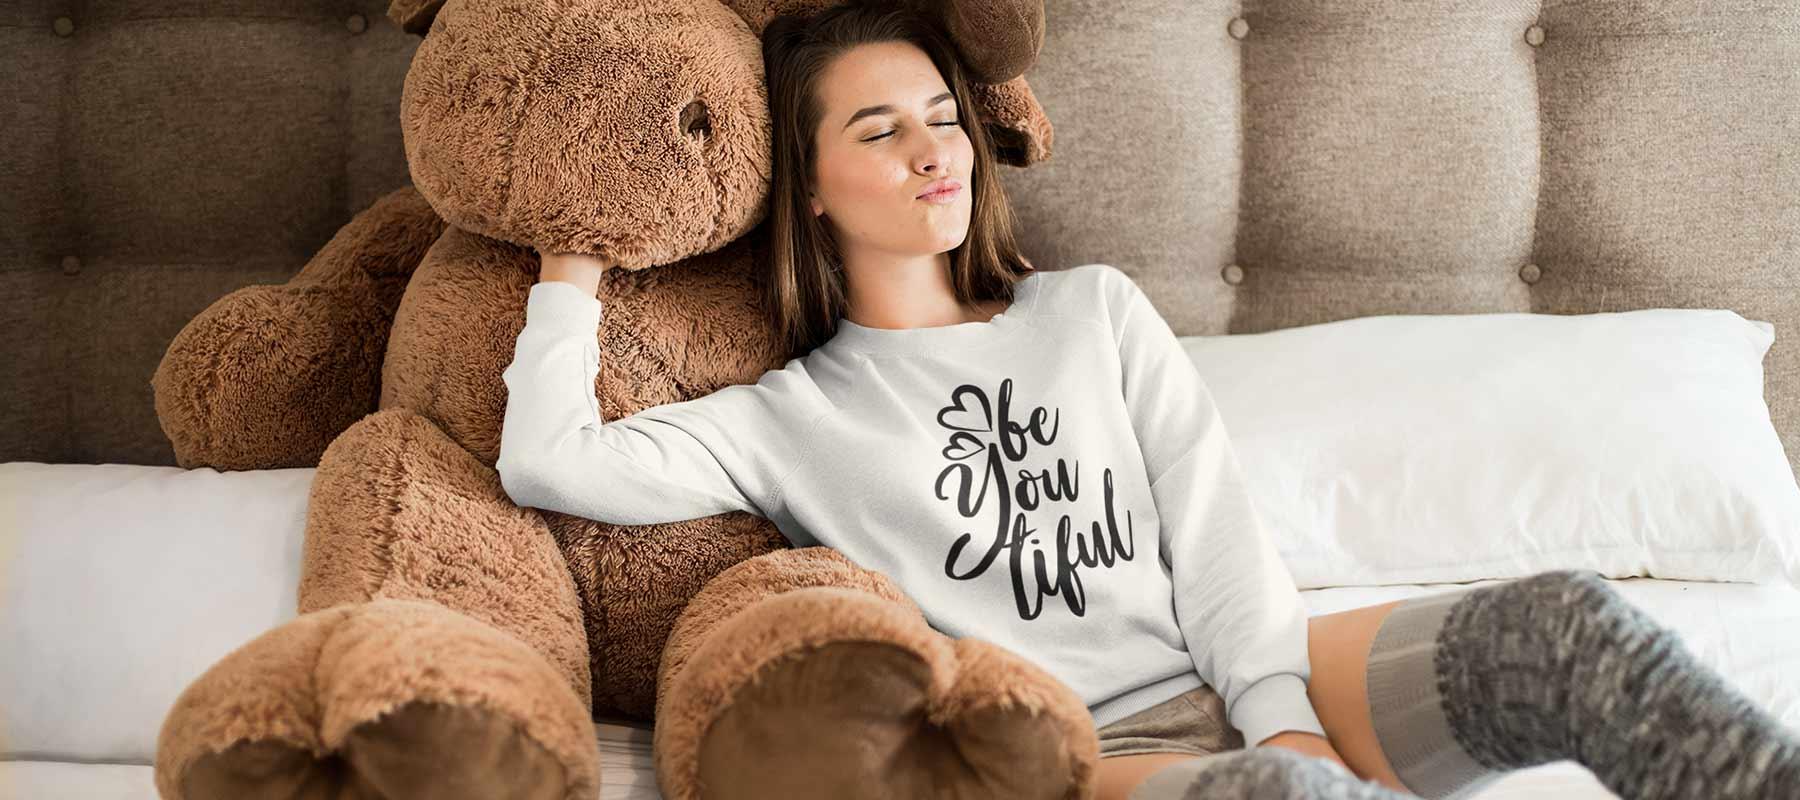 maglietta-t-shirt-donna-ragazza-moda-stile-wippio-abbigliamento-moda